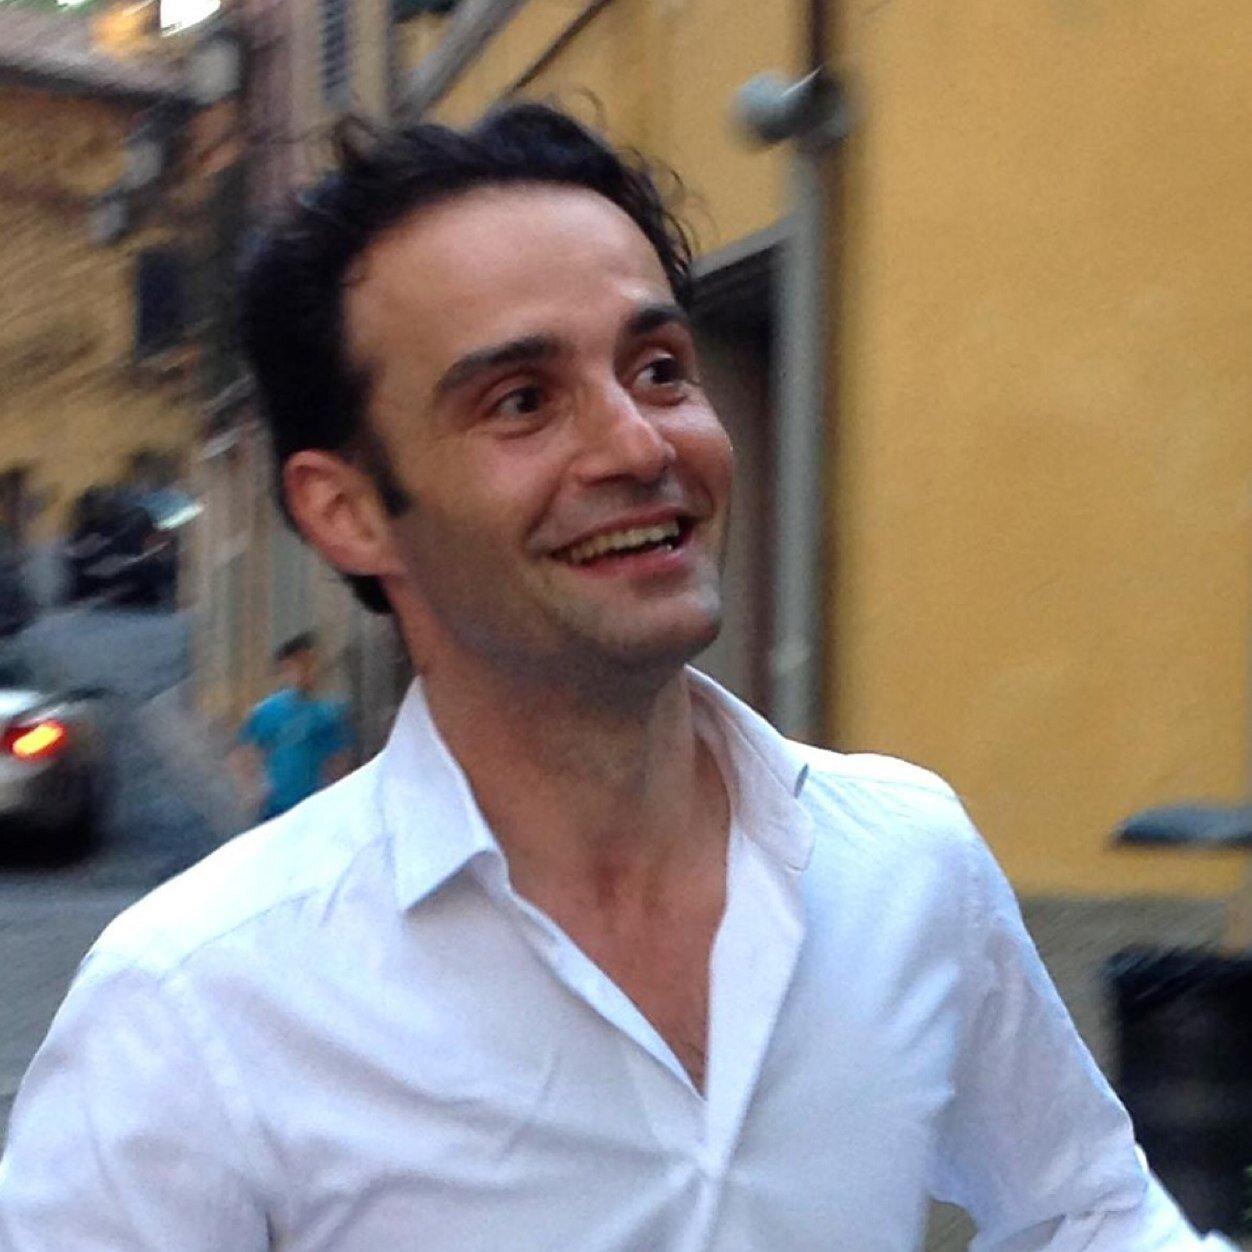 Daniele Ruscigno